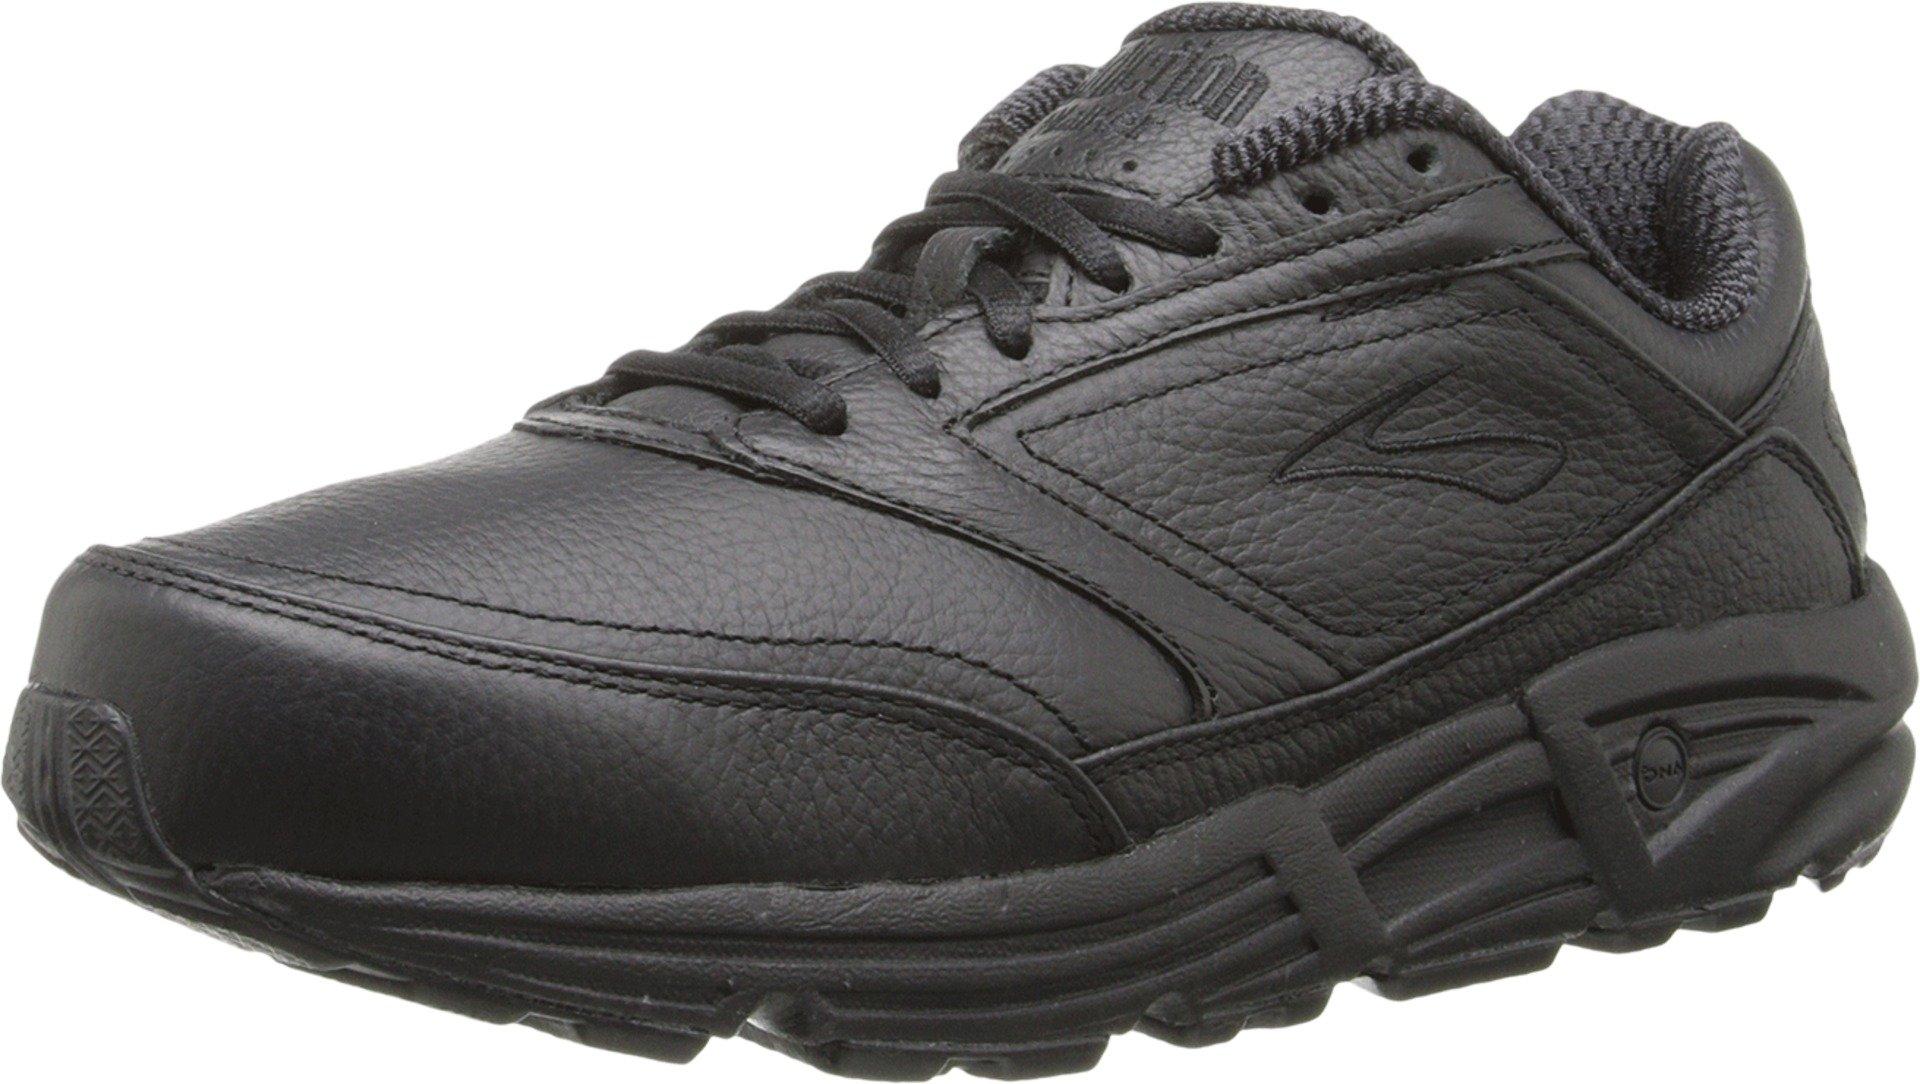 Brooks Women's Addiction Walker Walking Shoe,Black,8.5 B